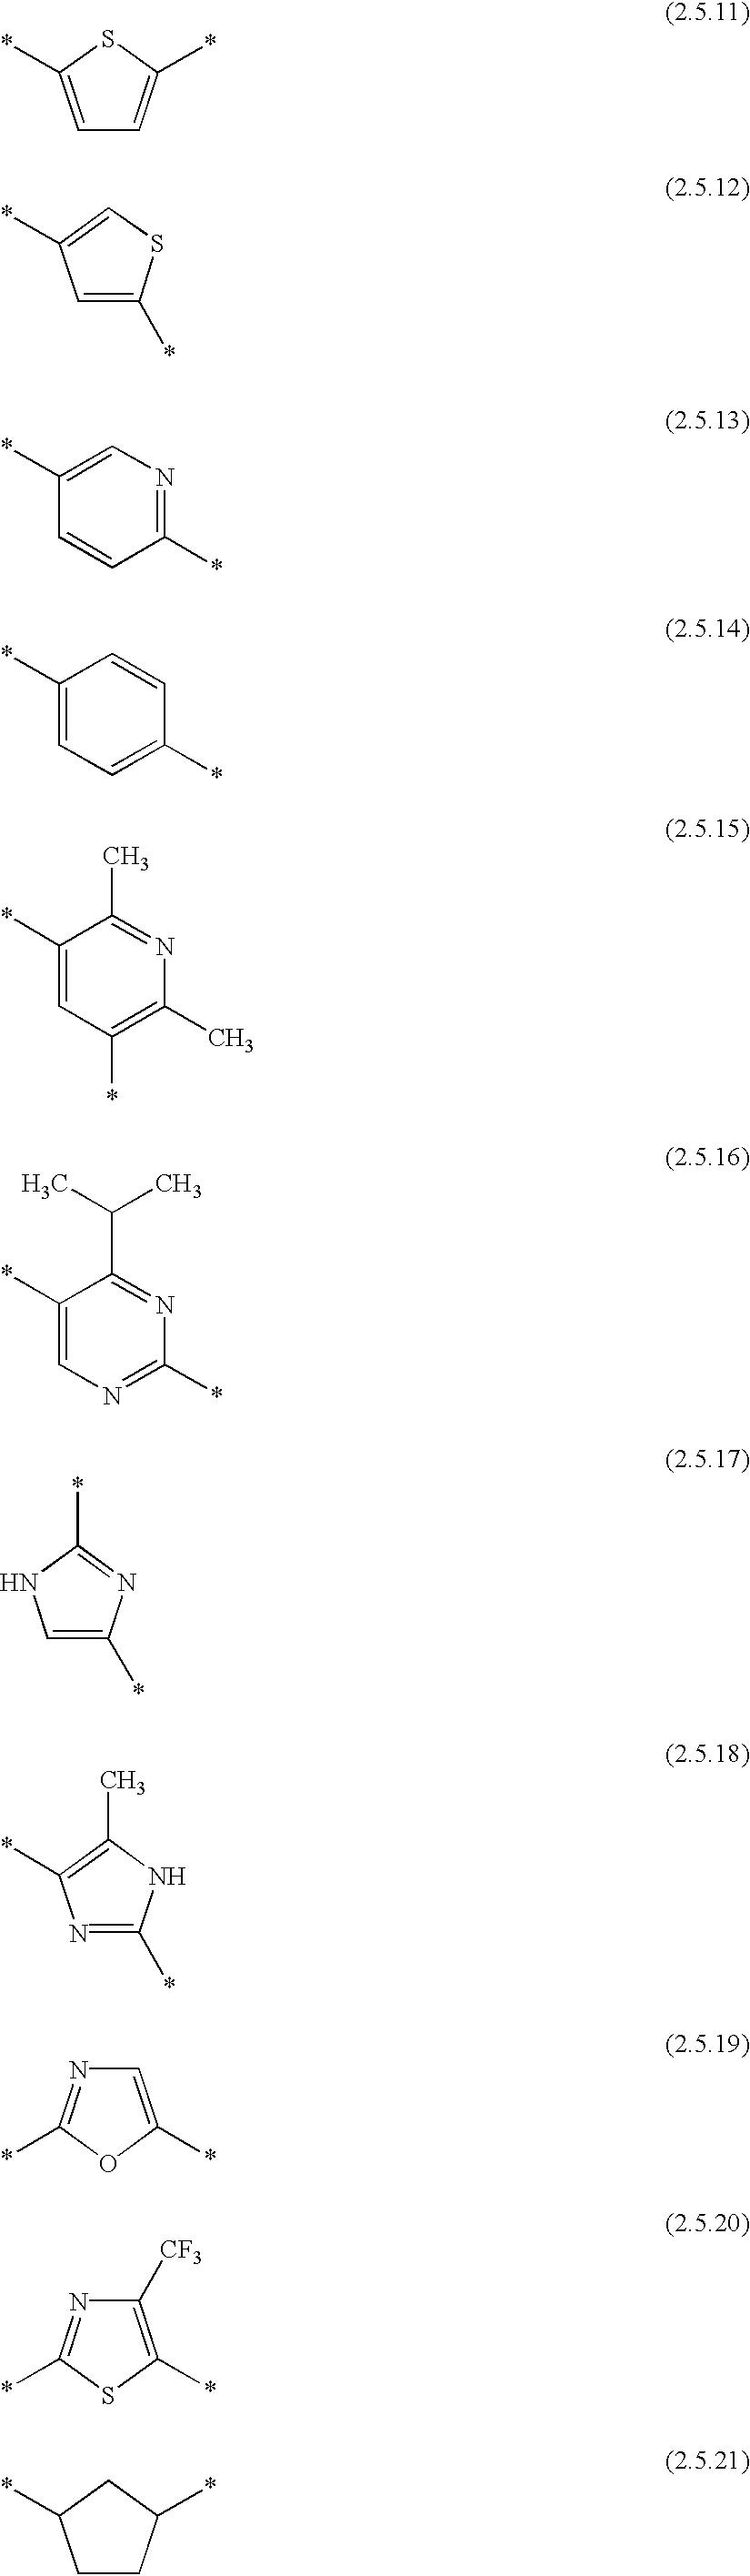 Figure US20030186974A1-20031002-C00332